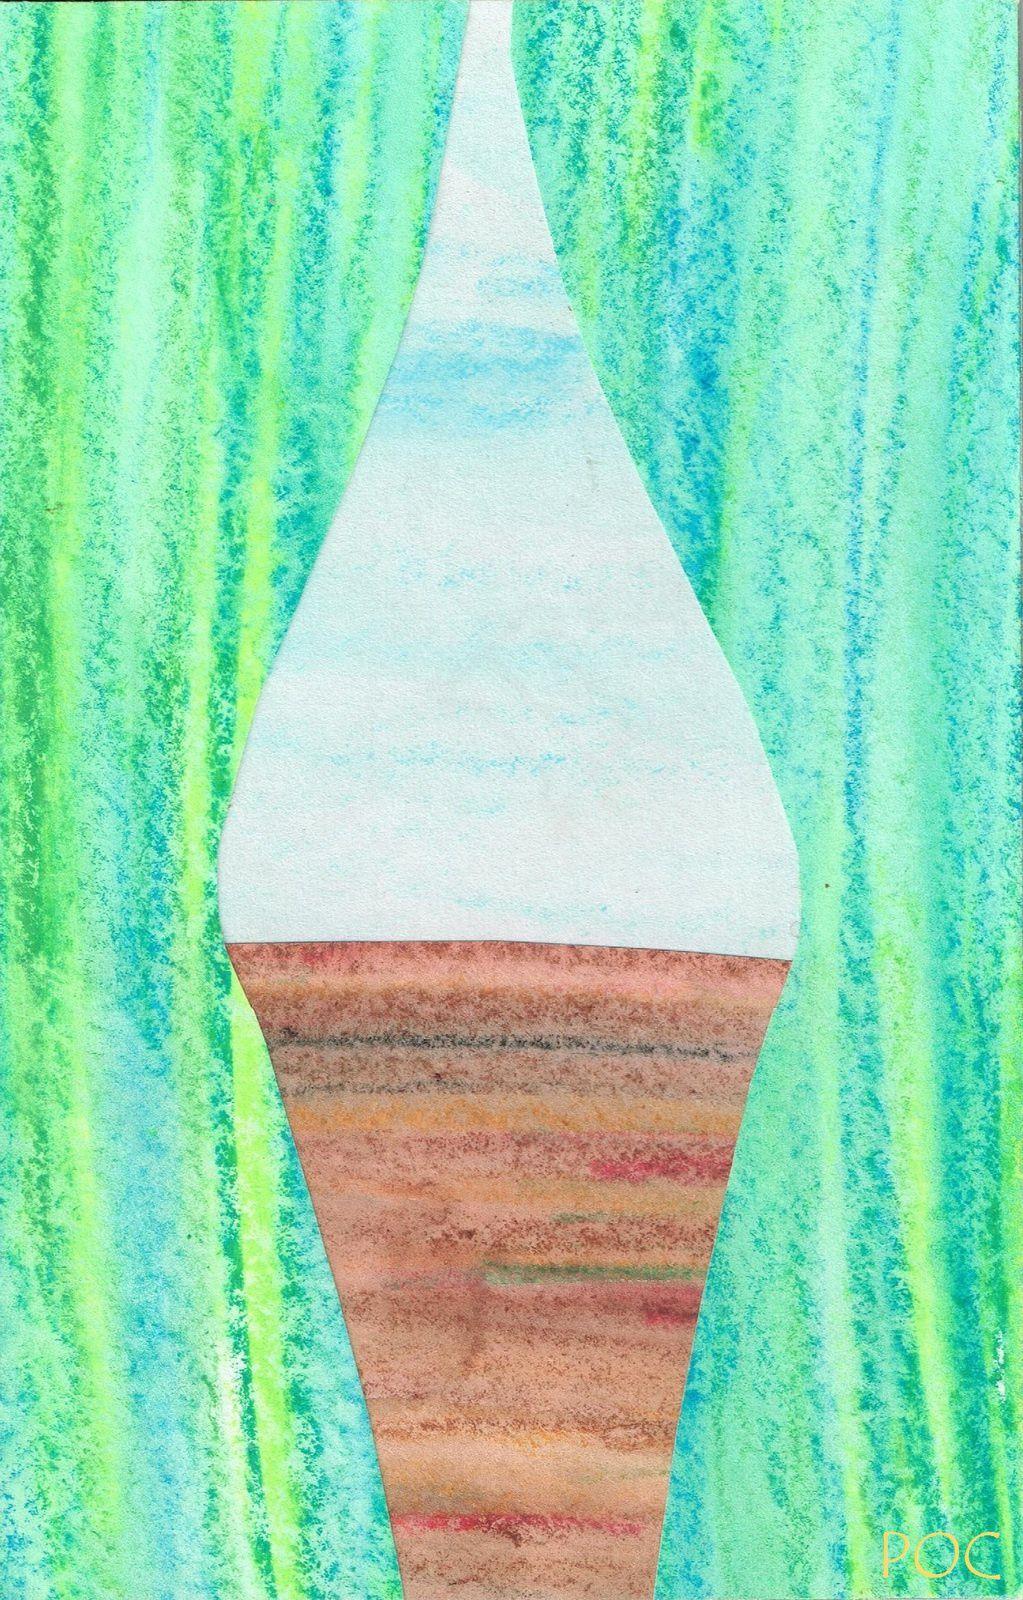 Vue imaginaire de la vallée du Célé, dans le Lot, d'une fenêtre du château de Goudou qui la surplombe. Papiers peints avec les craies aquarellables Neocolor, découpés et collés. Pierre-Olivier Combelles, Ville d'Avray, 2 mai 1992